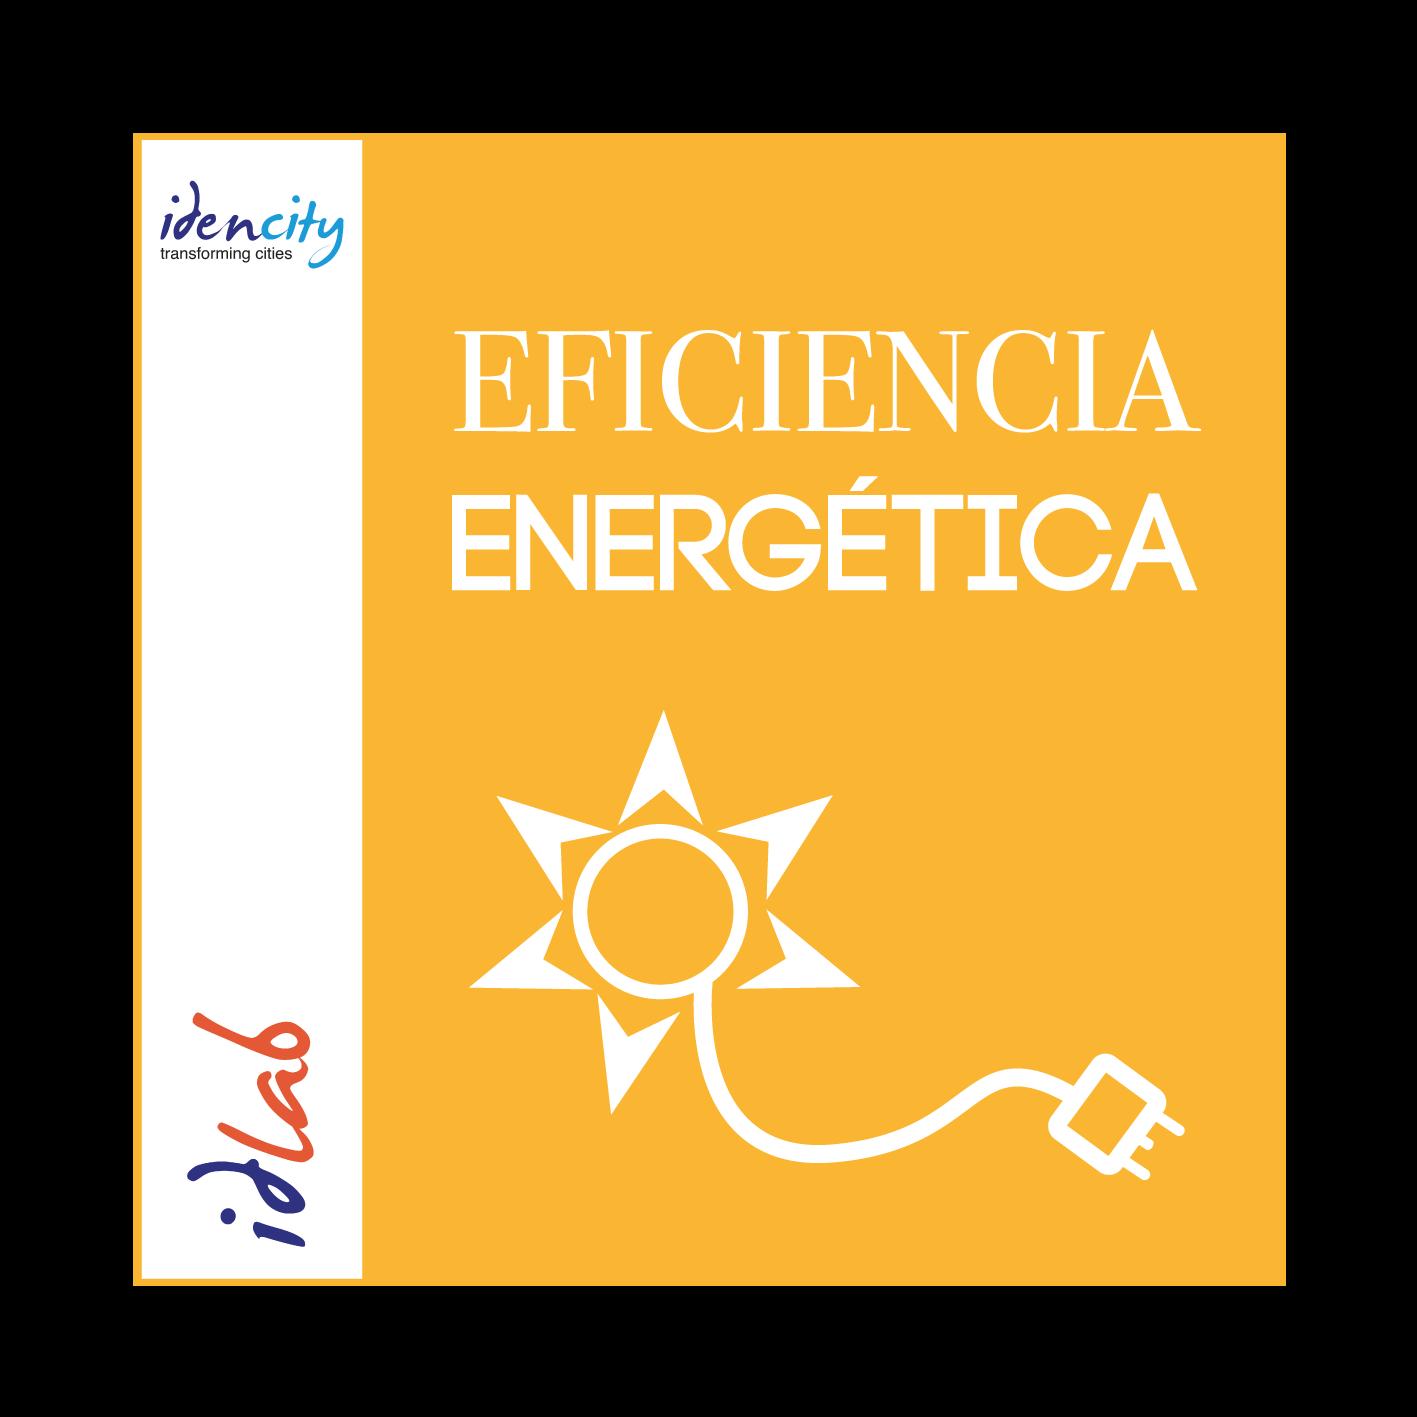 Eficiencia Energética - Idencity